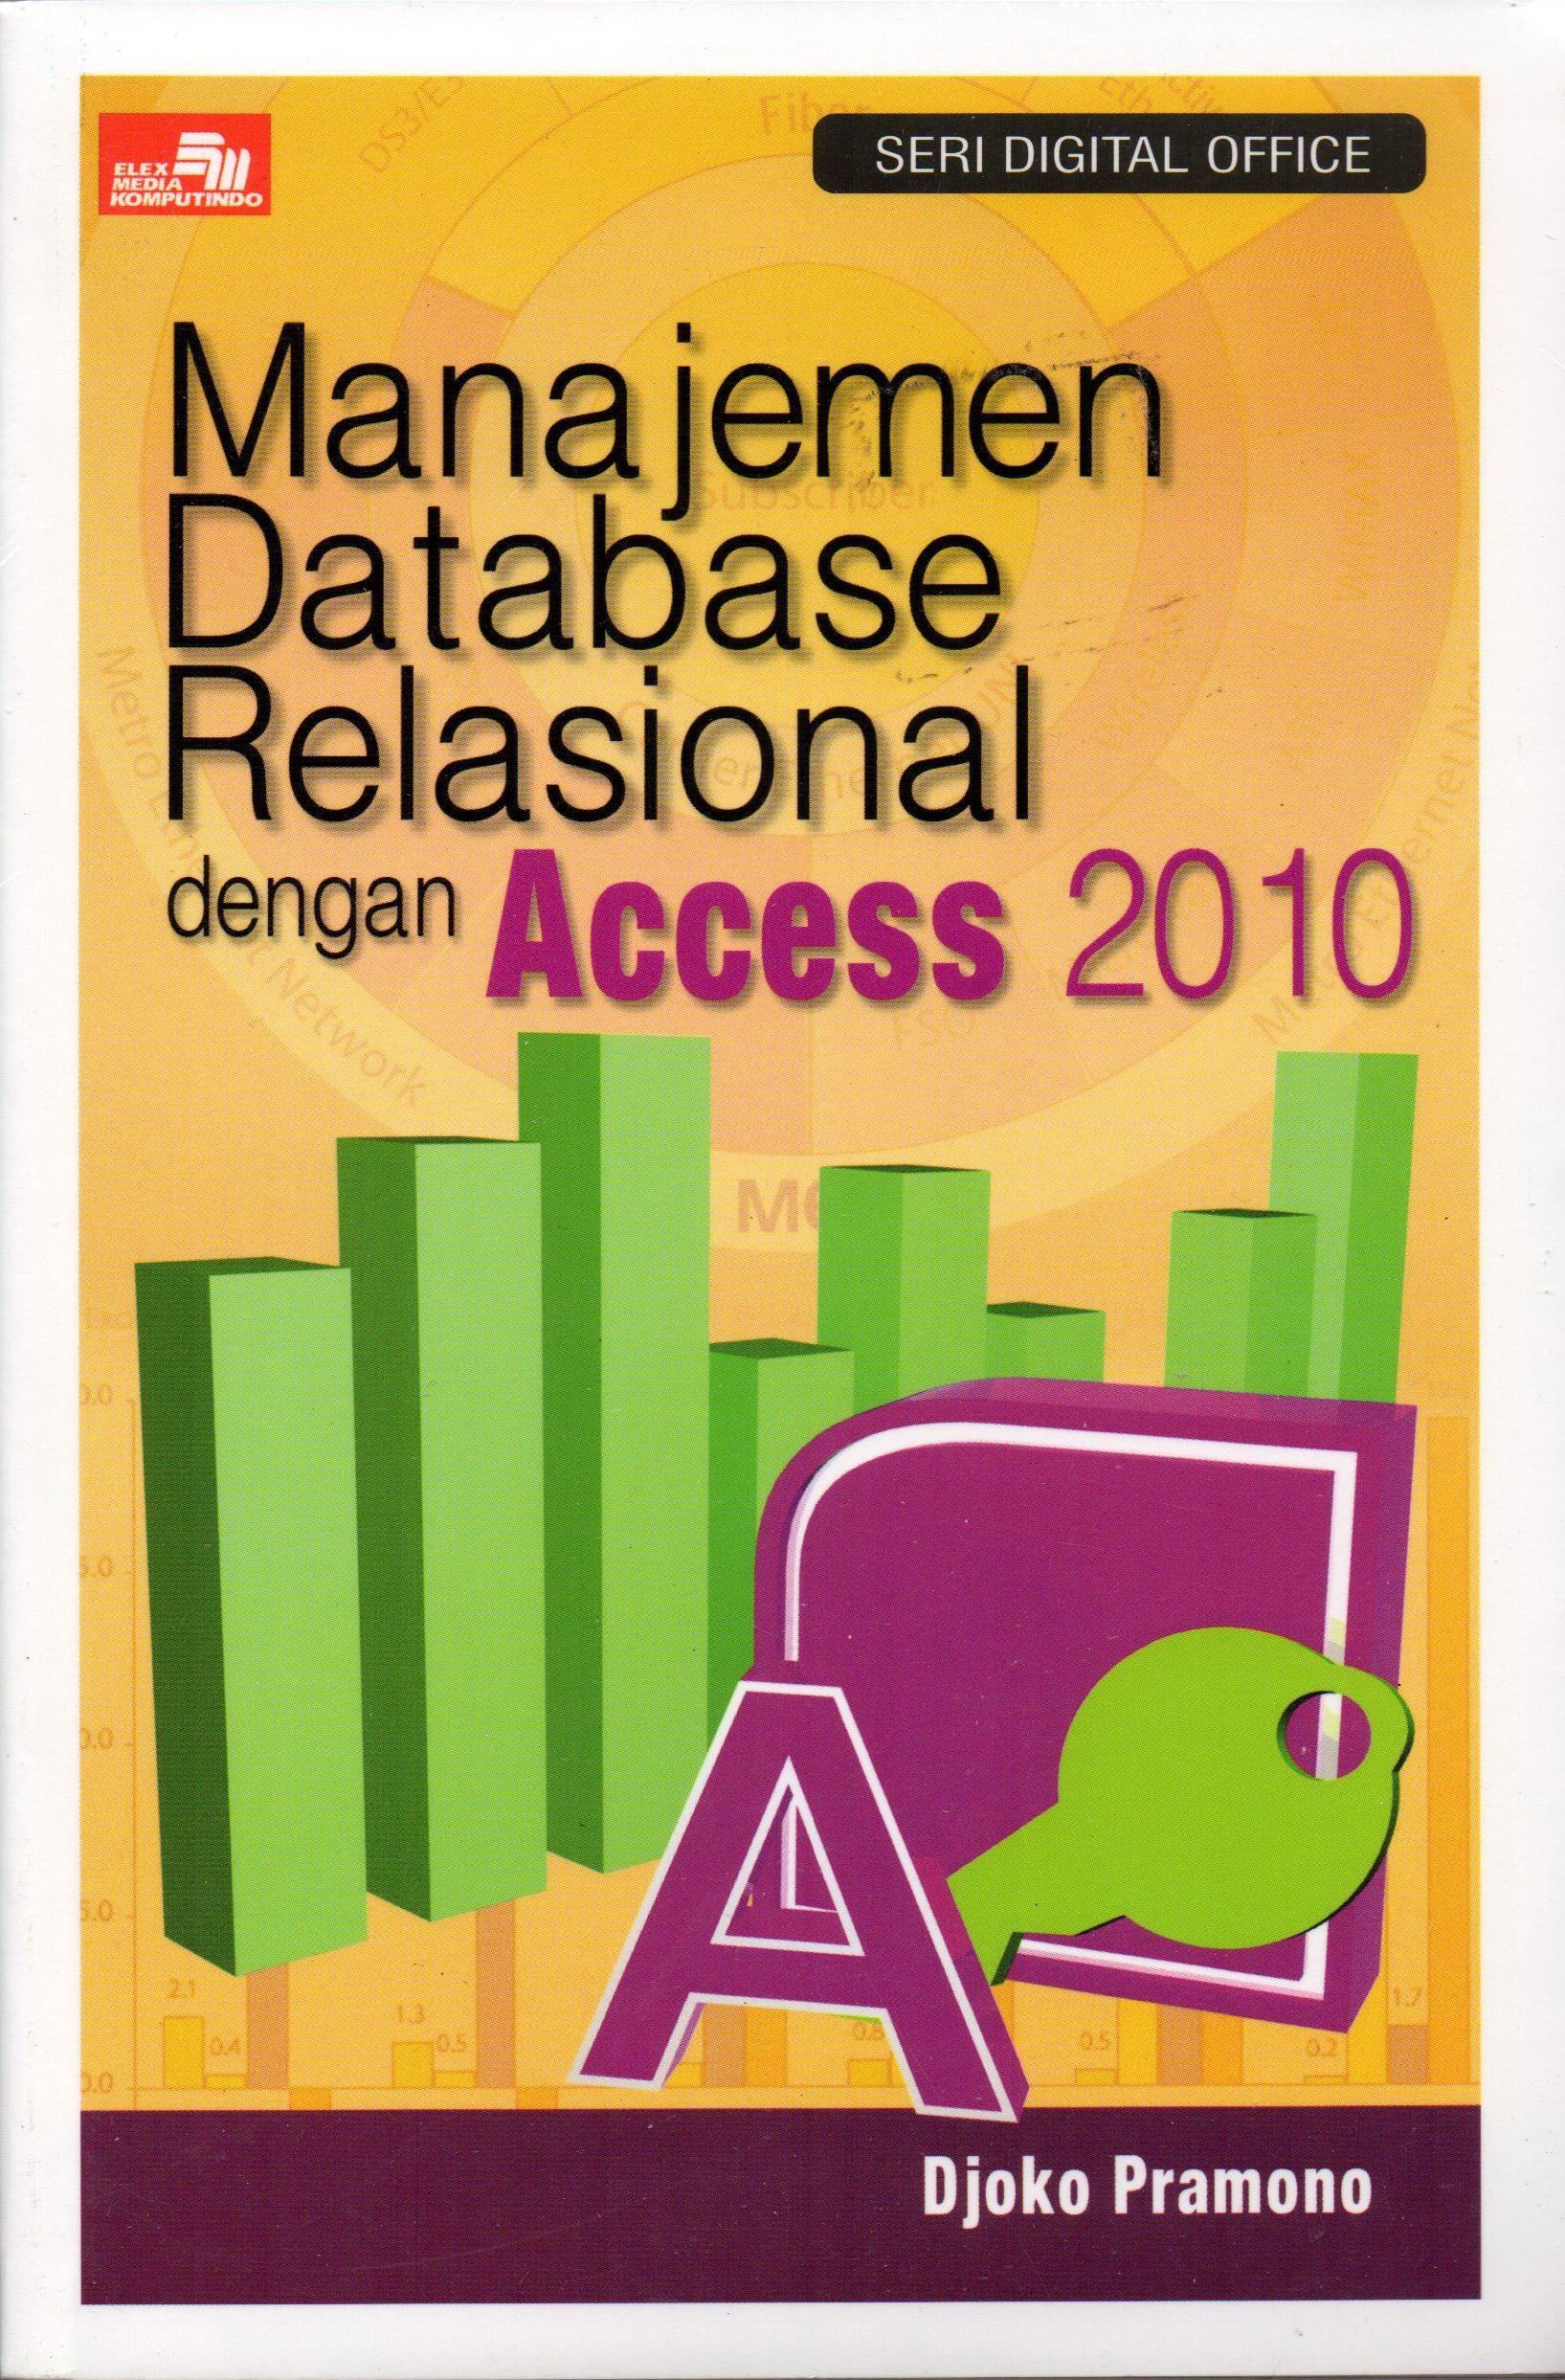 harga Manajemen Database Relasional dengan Access 2010 Tokopedia.com